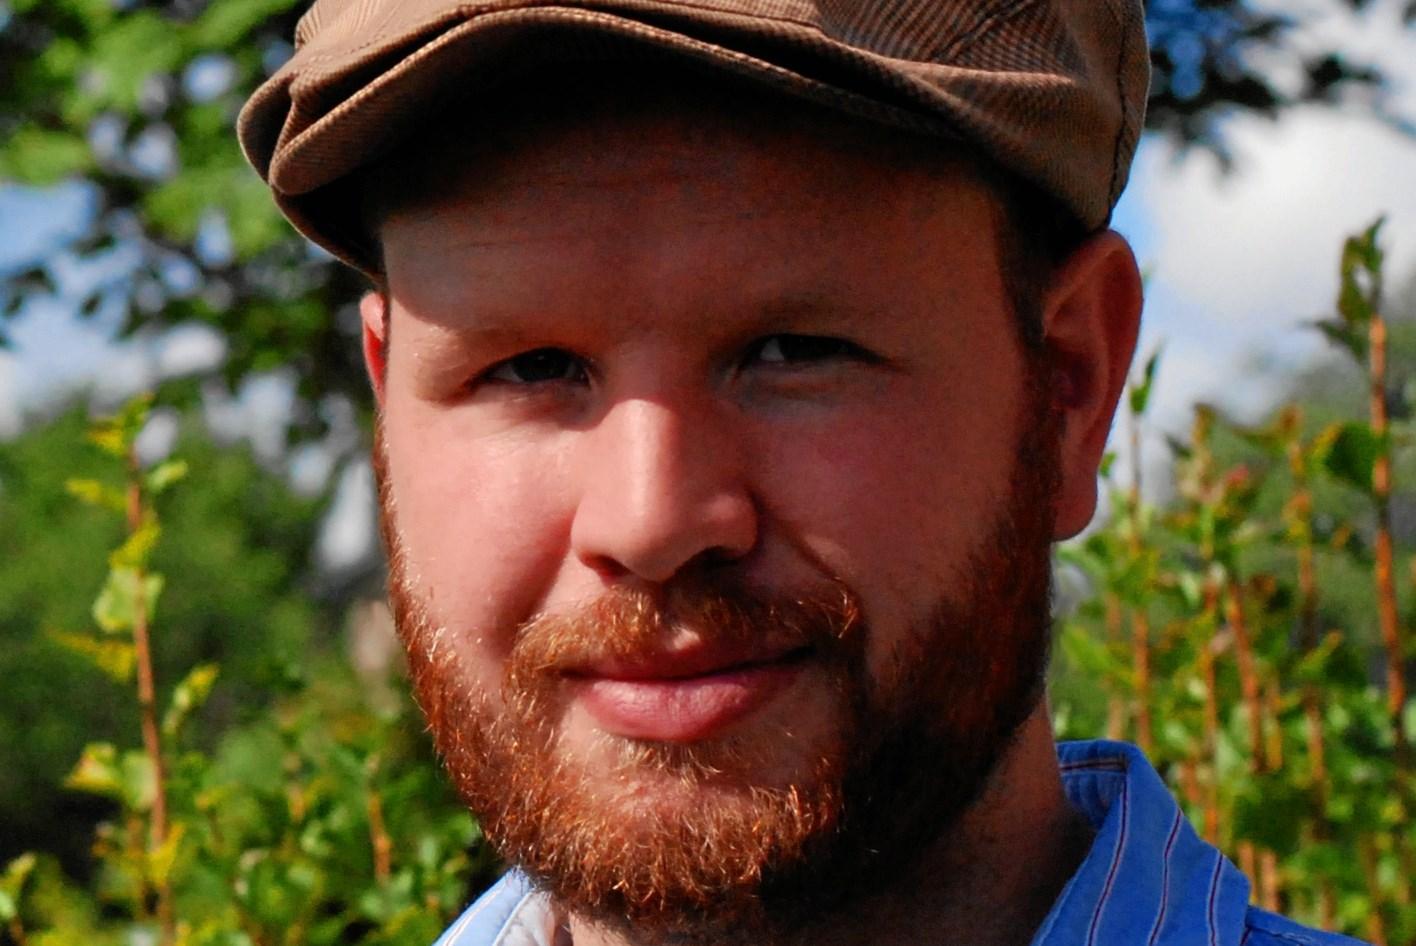 Frederik Bøgh Bisgaard